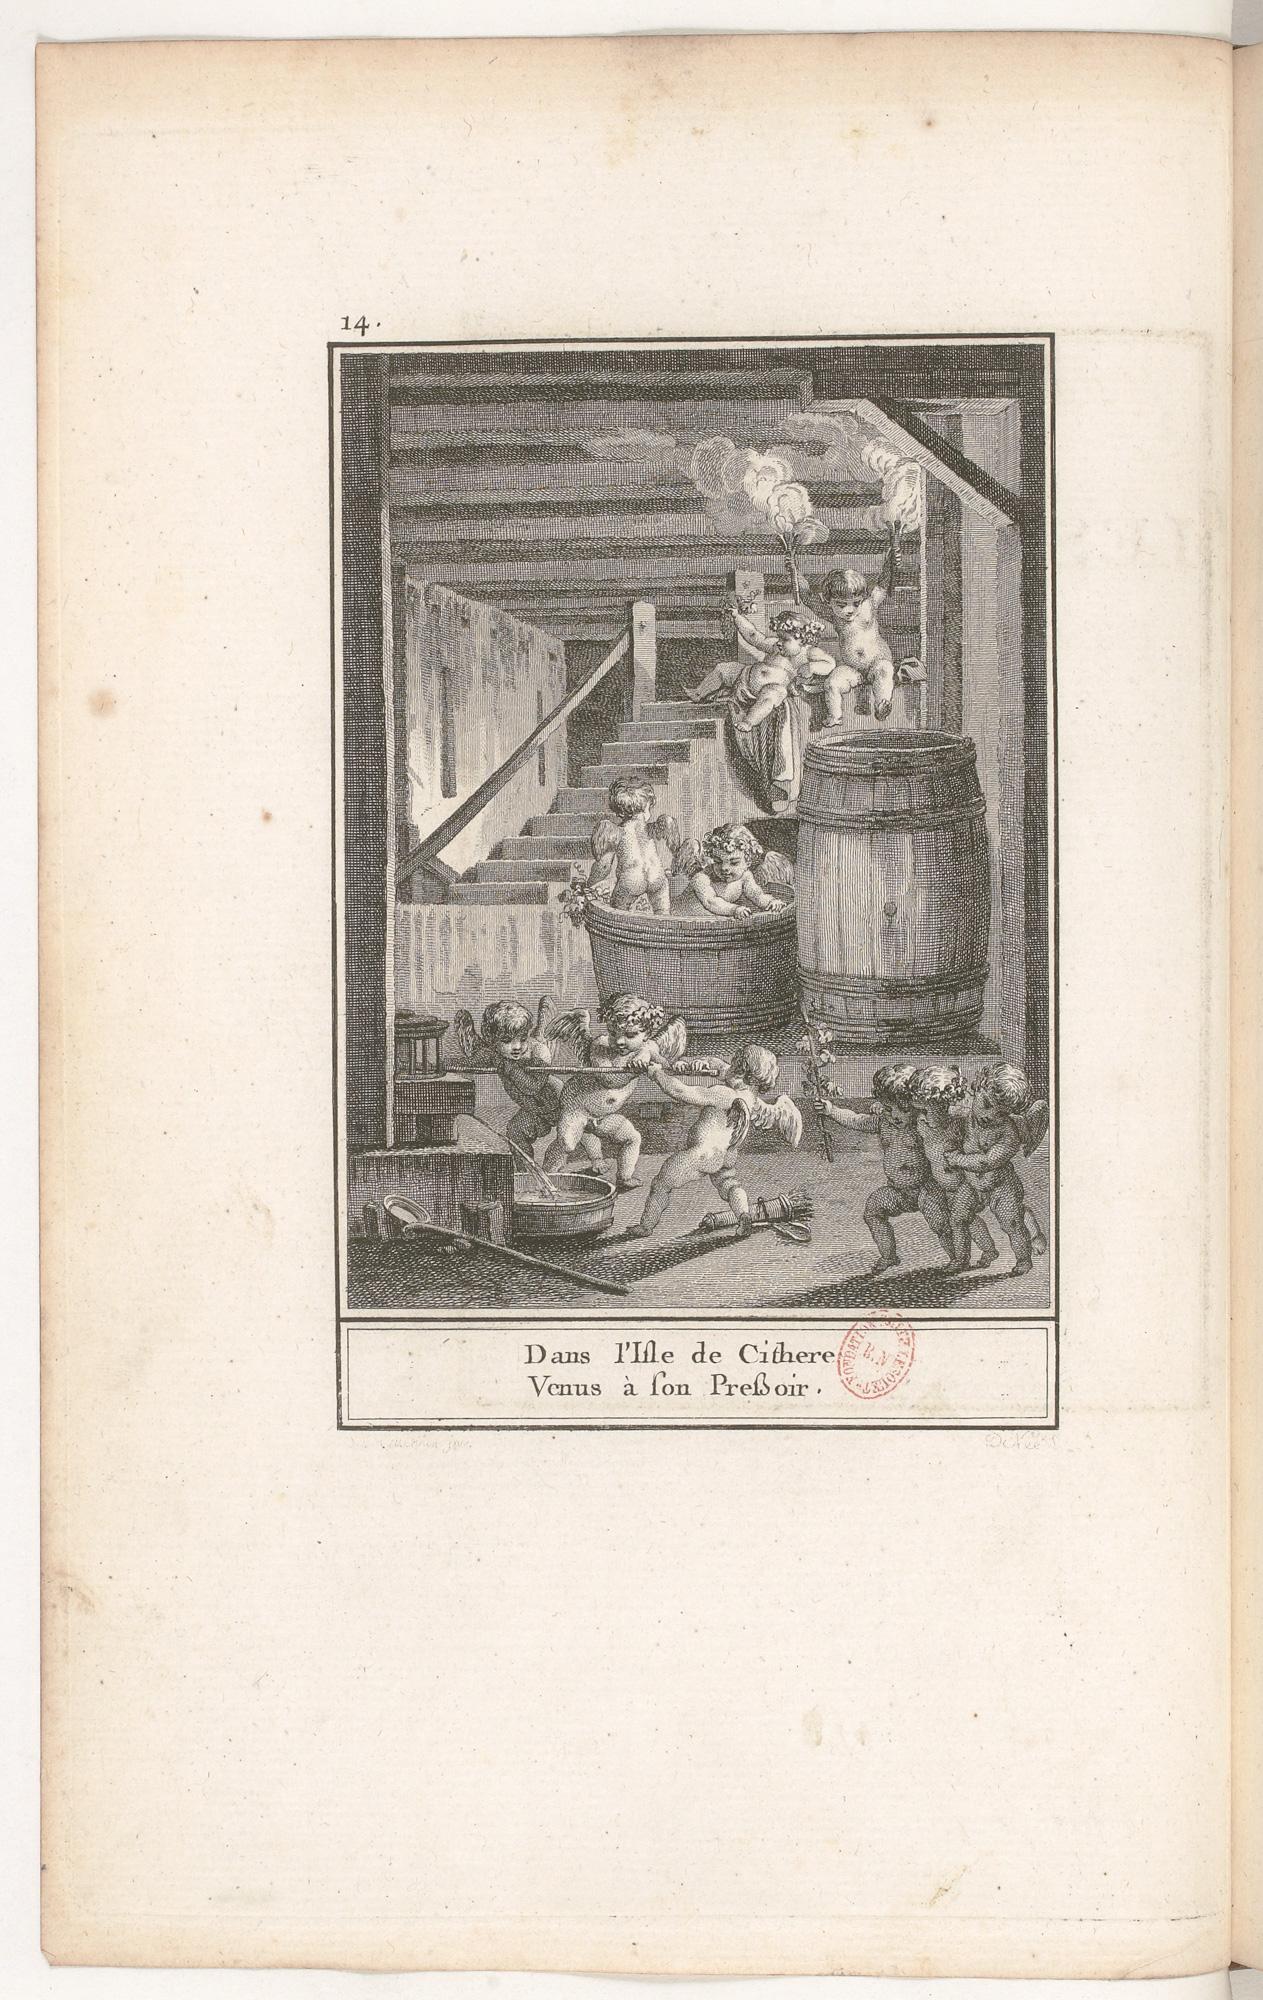 S.4.03 Les vendanges de Cythere, 1772, Image